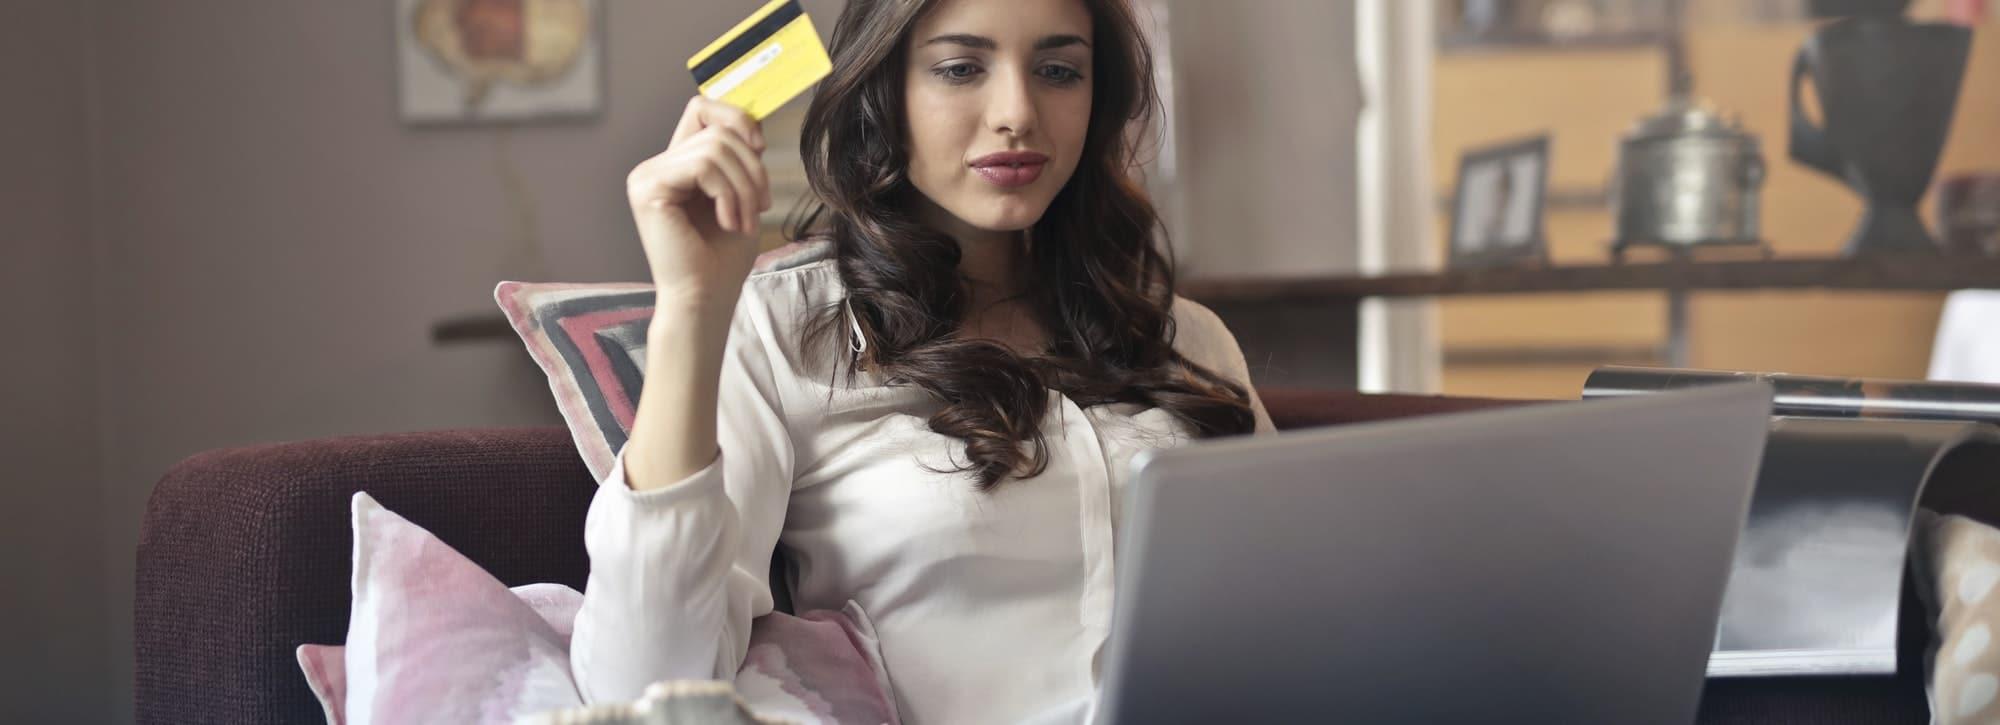 L'e-commerce nel mondo: quanto cresce nel 2015